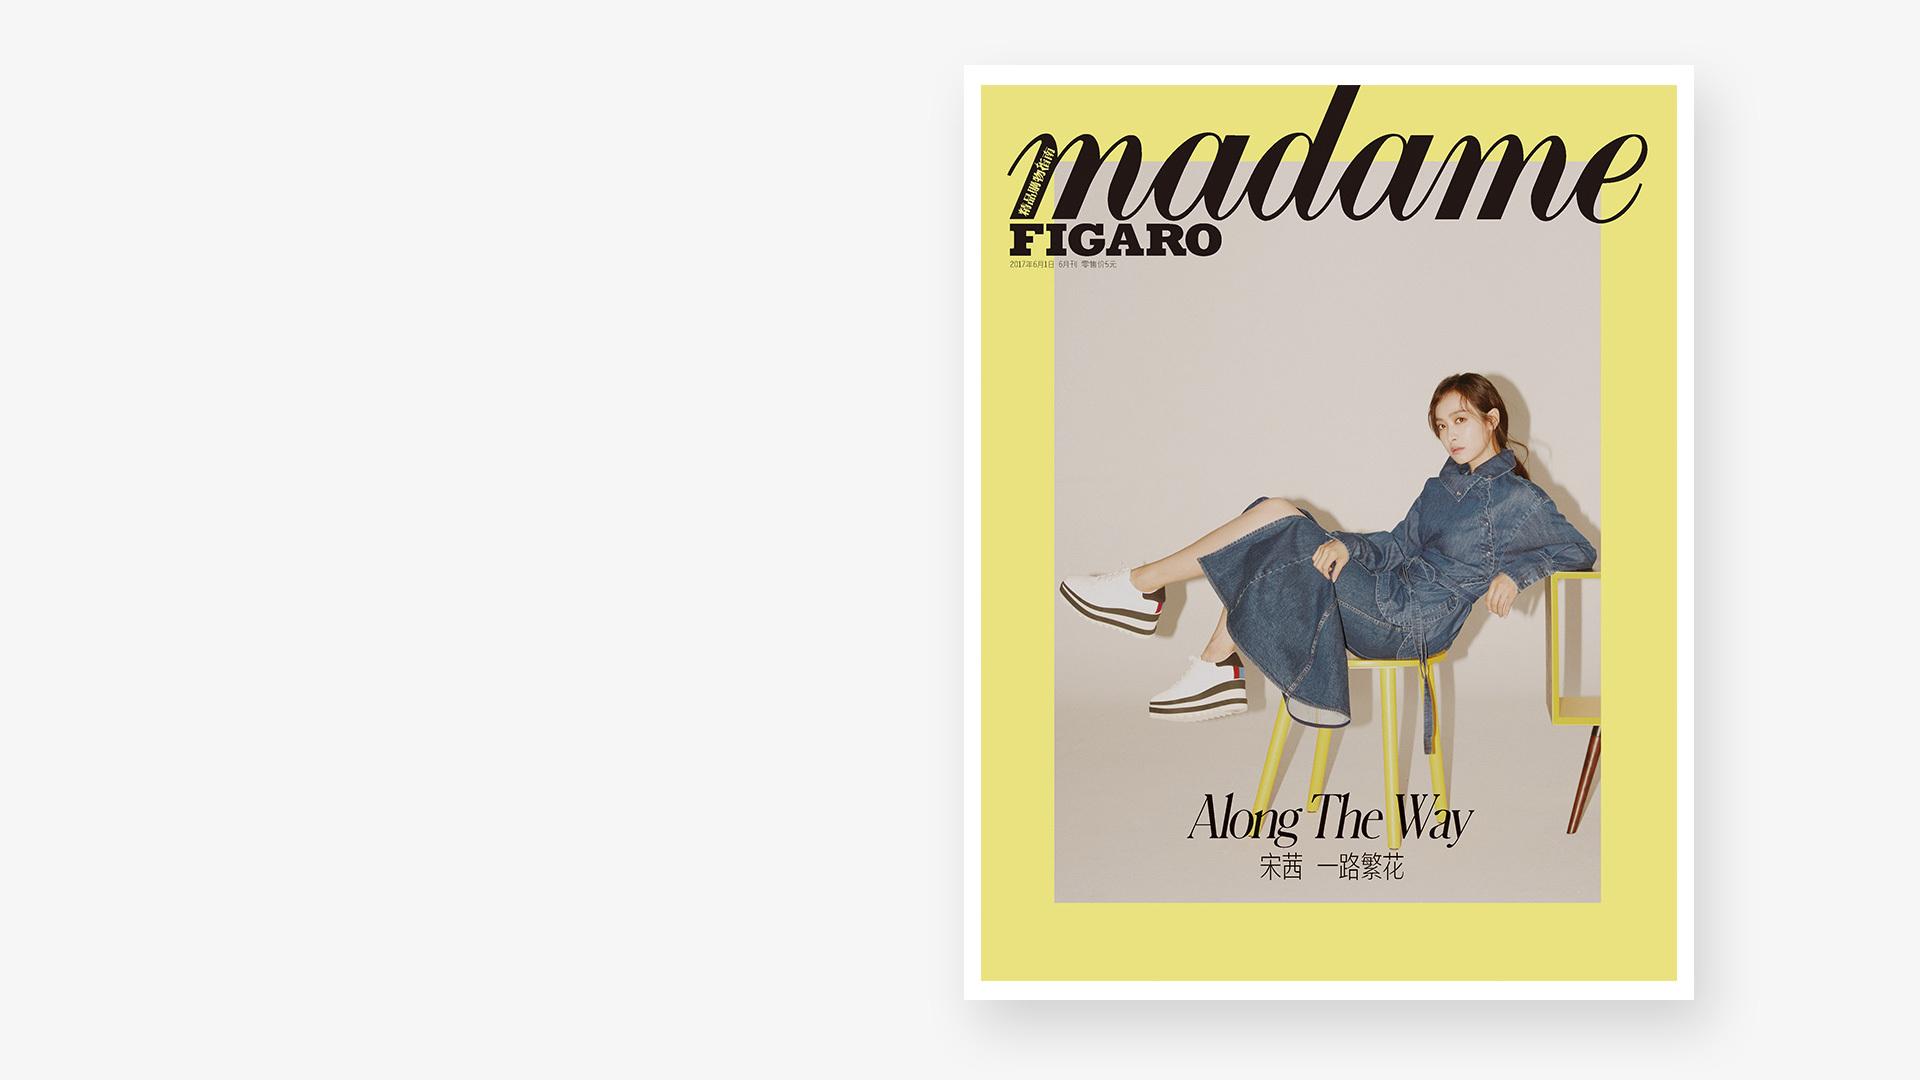 法国最畅销女性杂志<br/>携手造作打造时尚大片